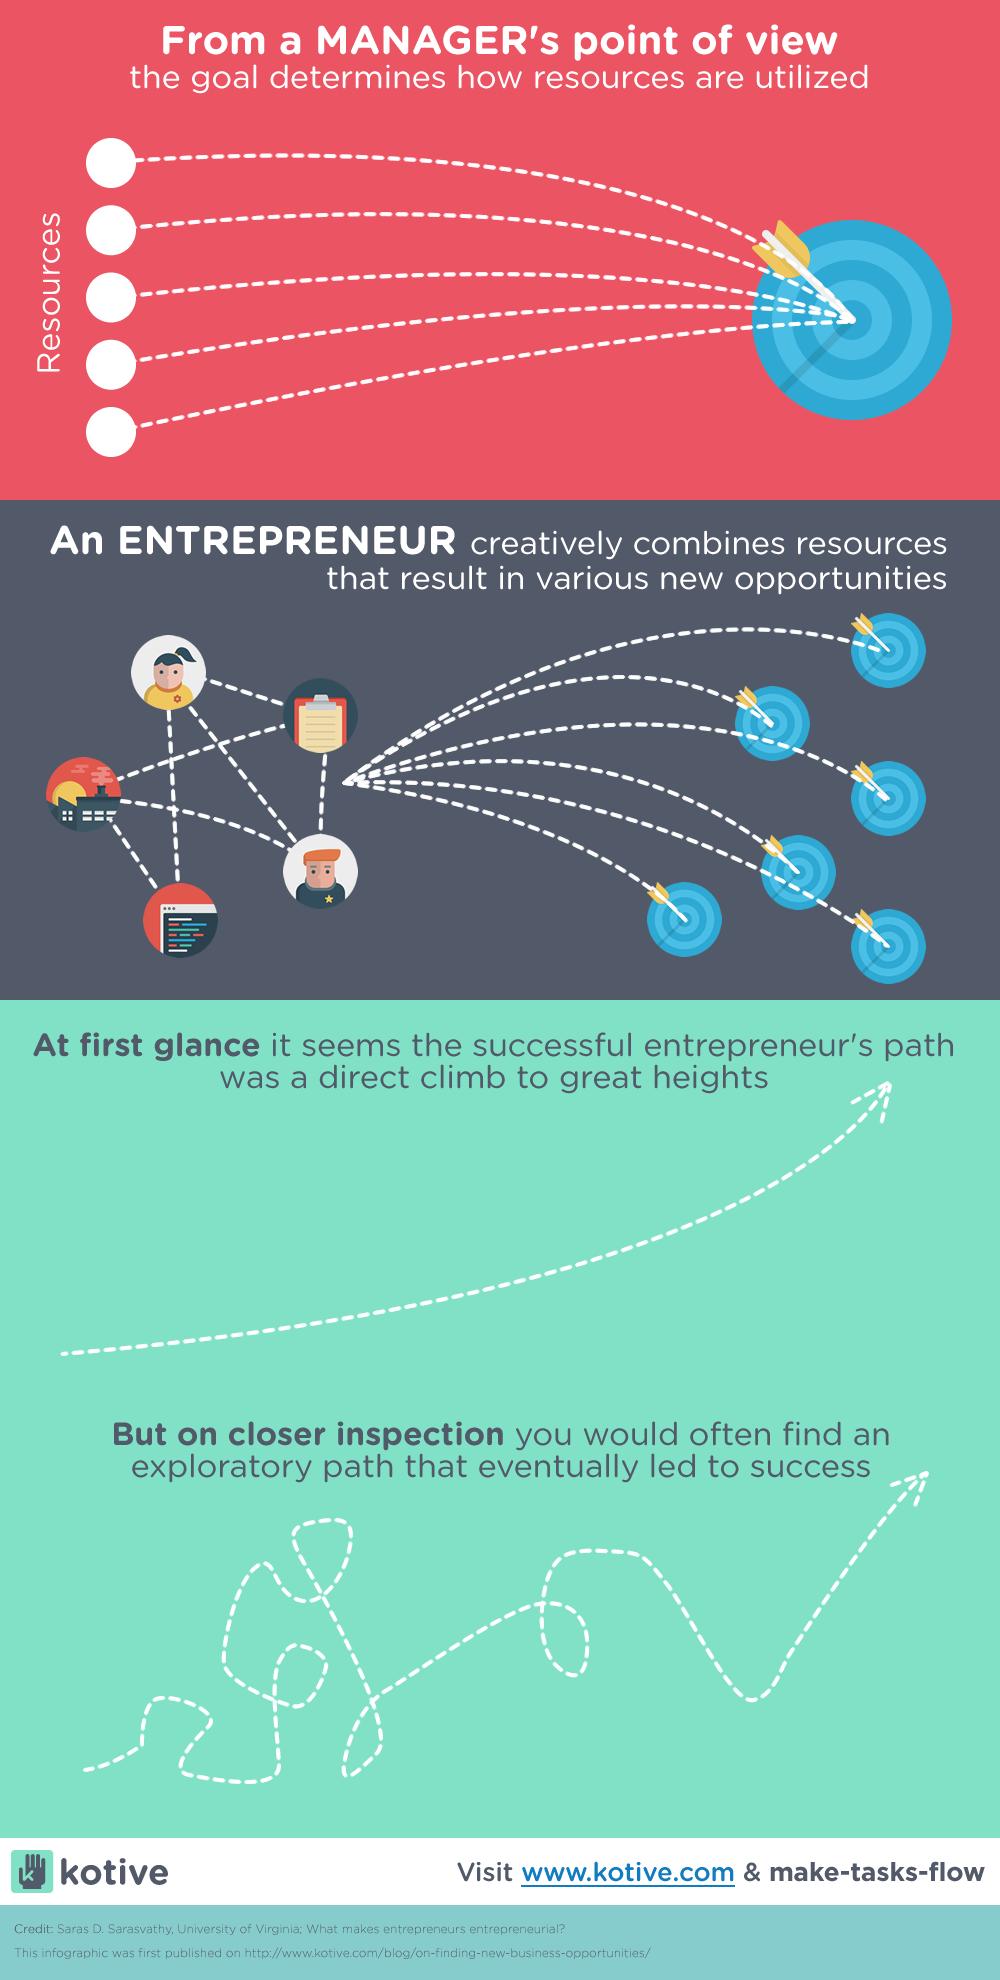 При поиске новых возможностей для бизнеса